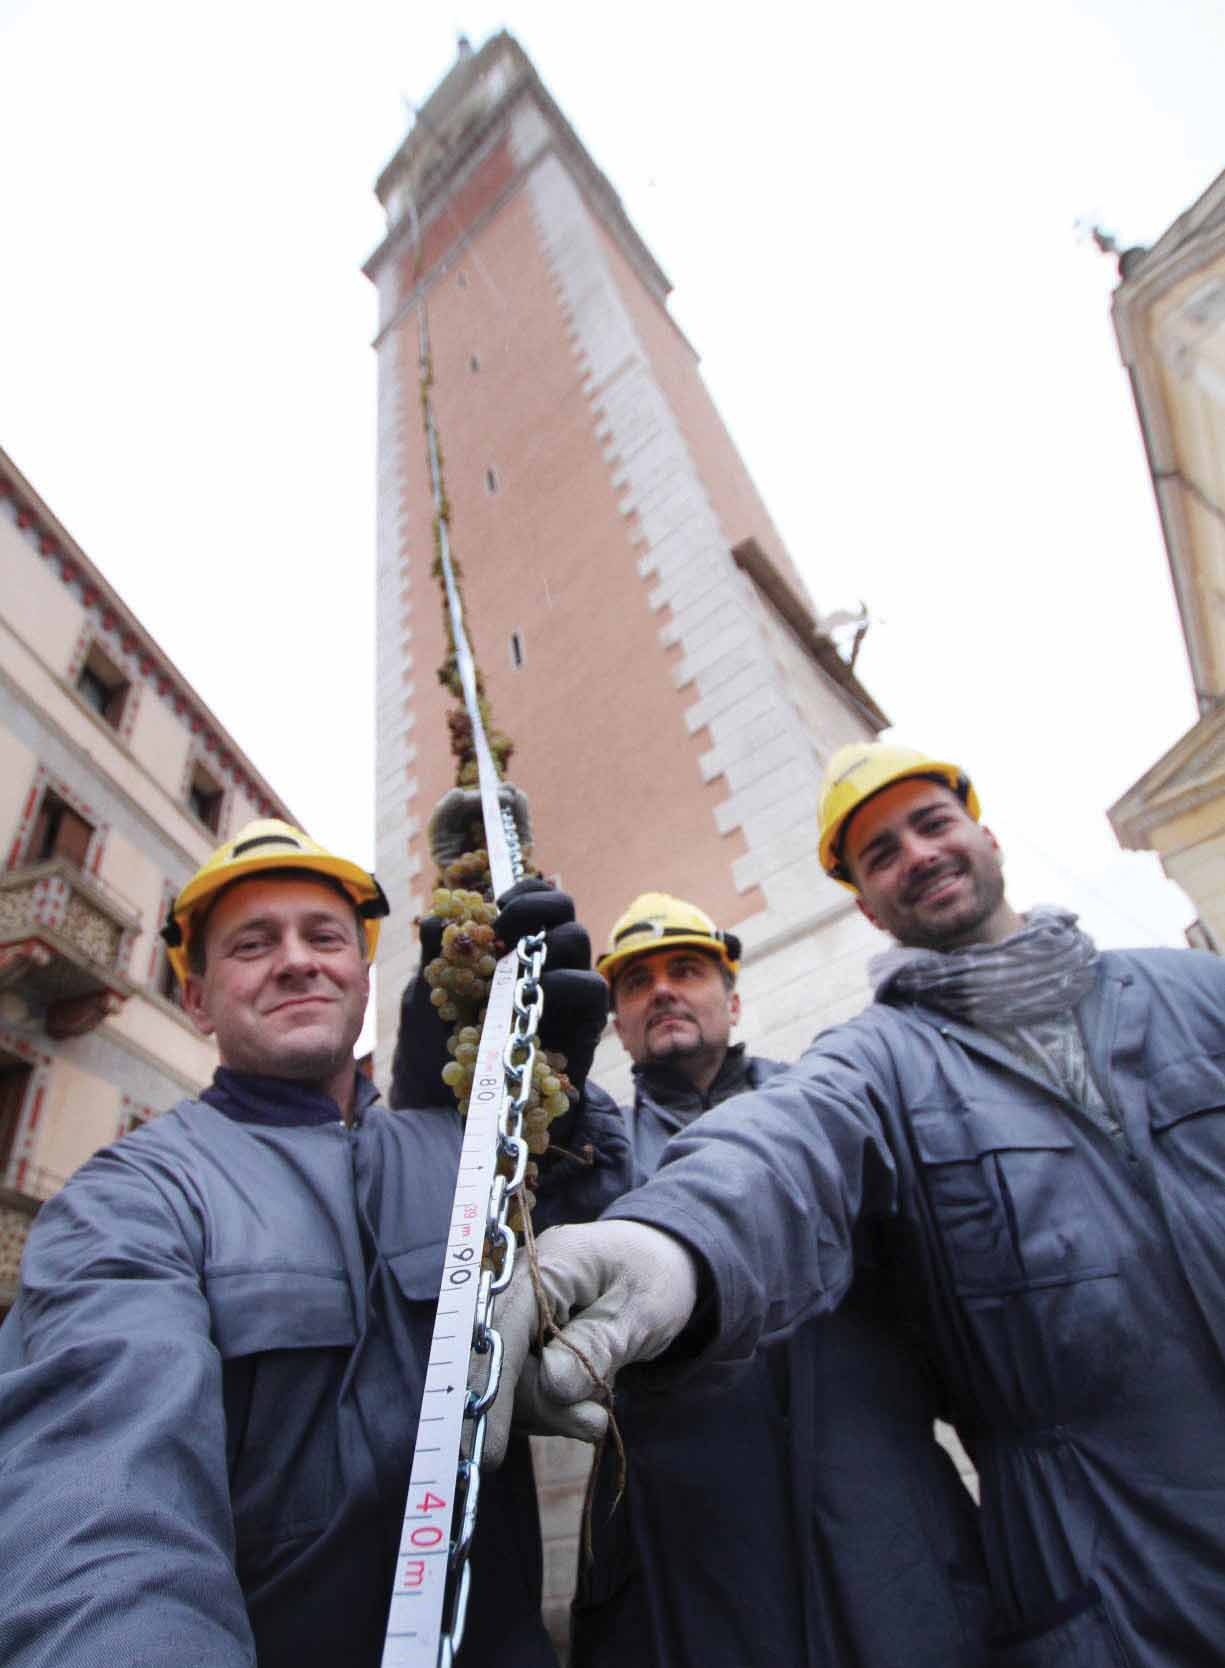 Torcolato 2013 treccia.uva.campanile.torcolato